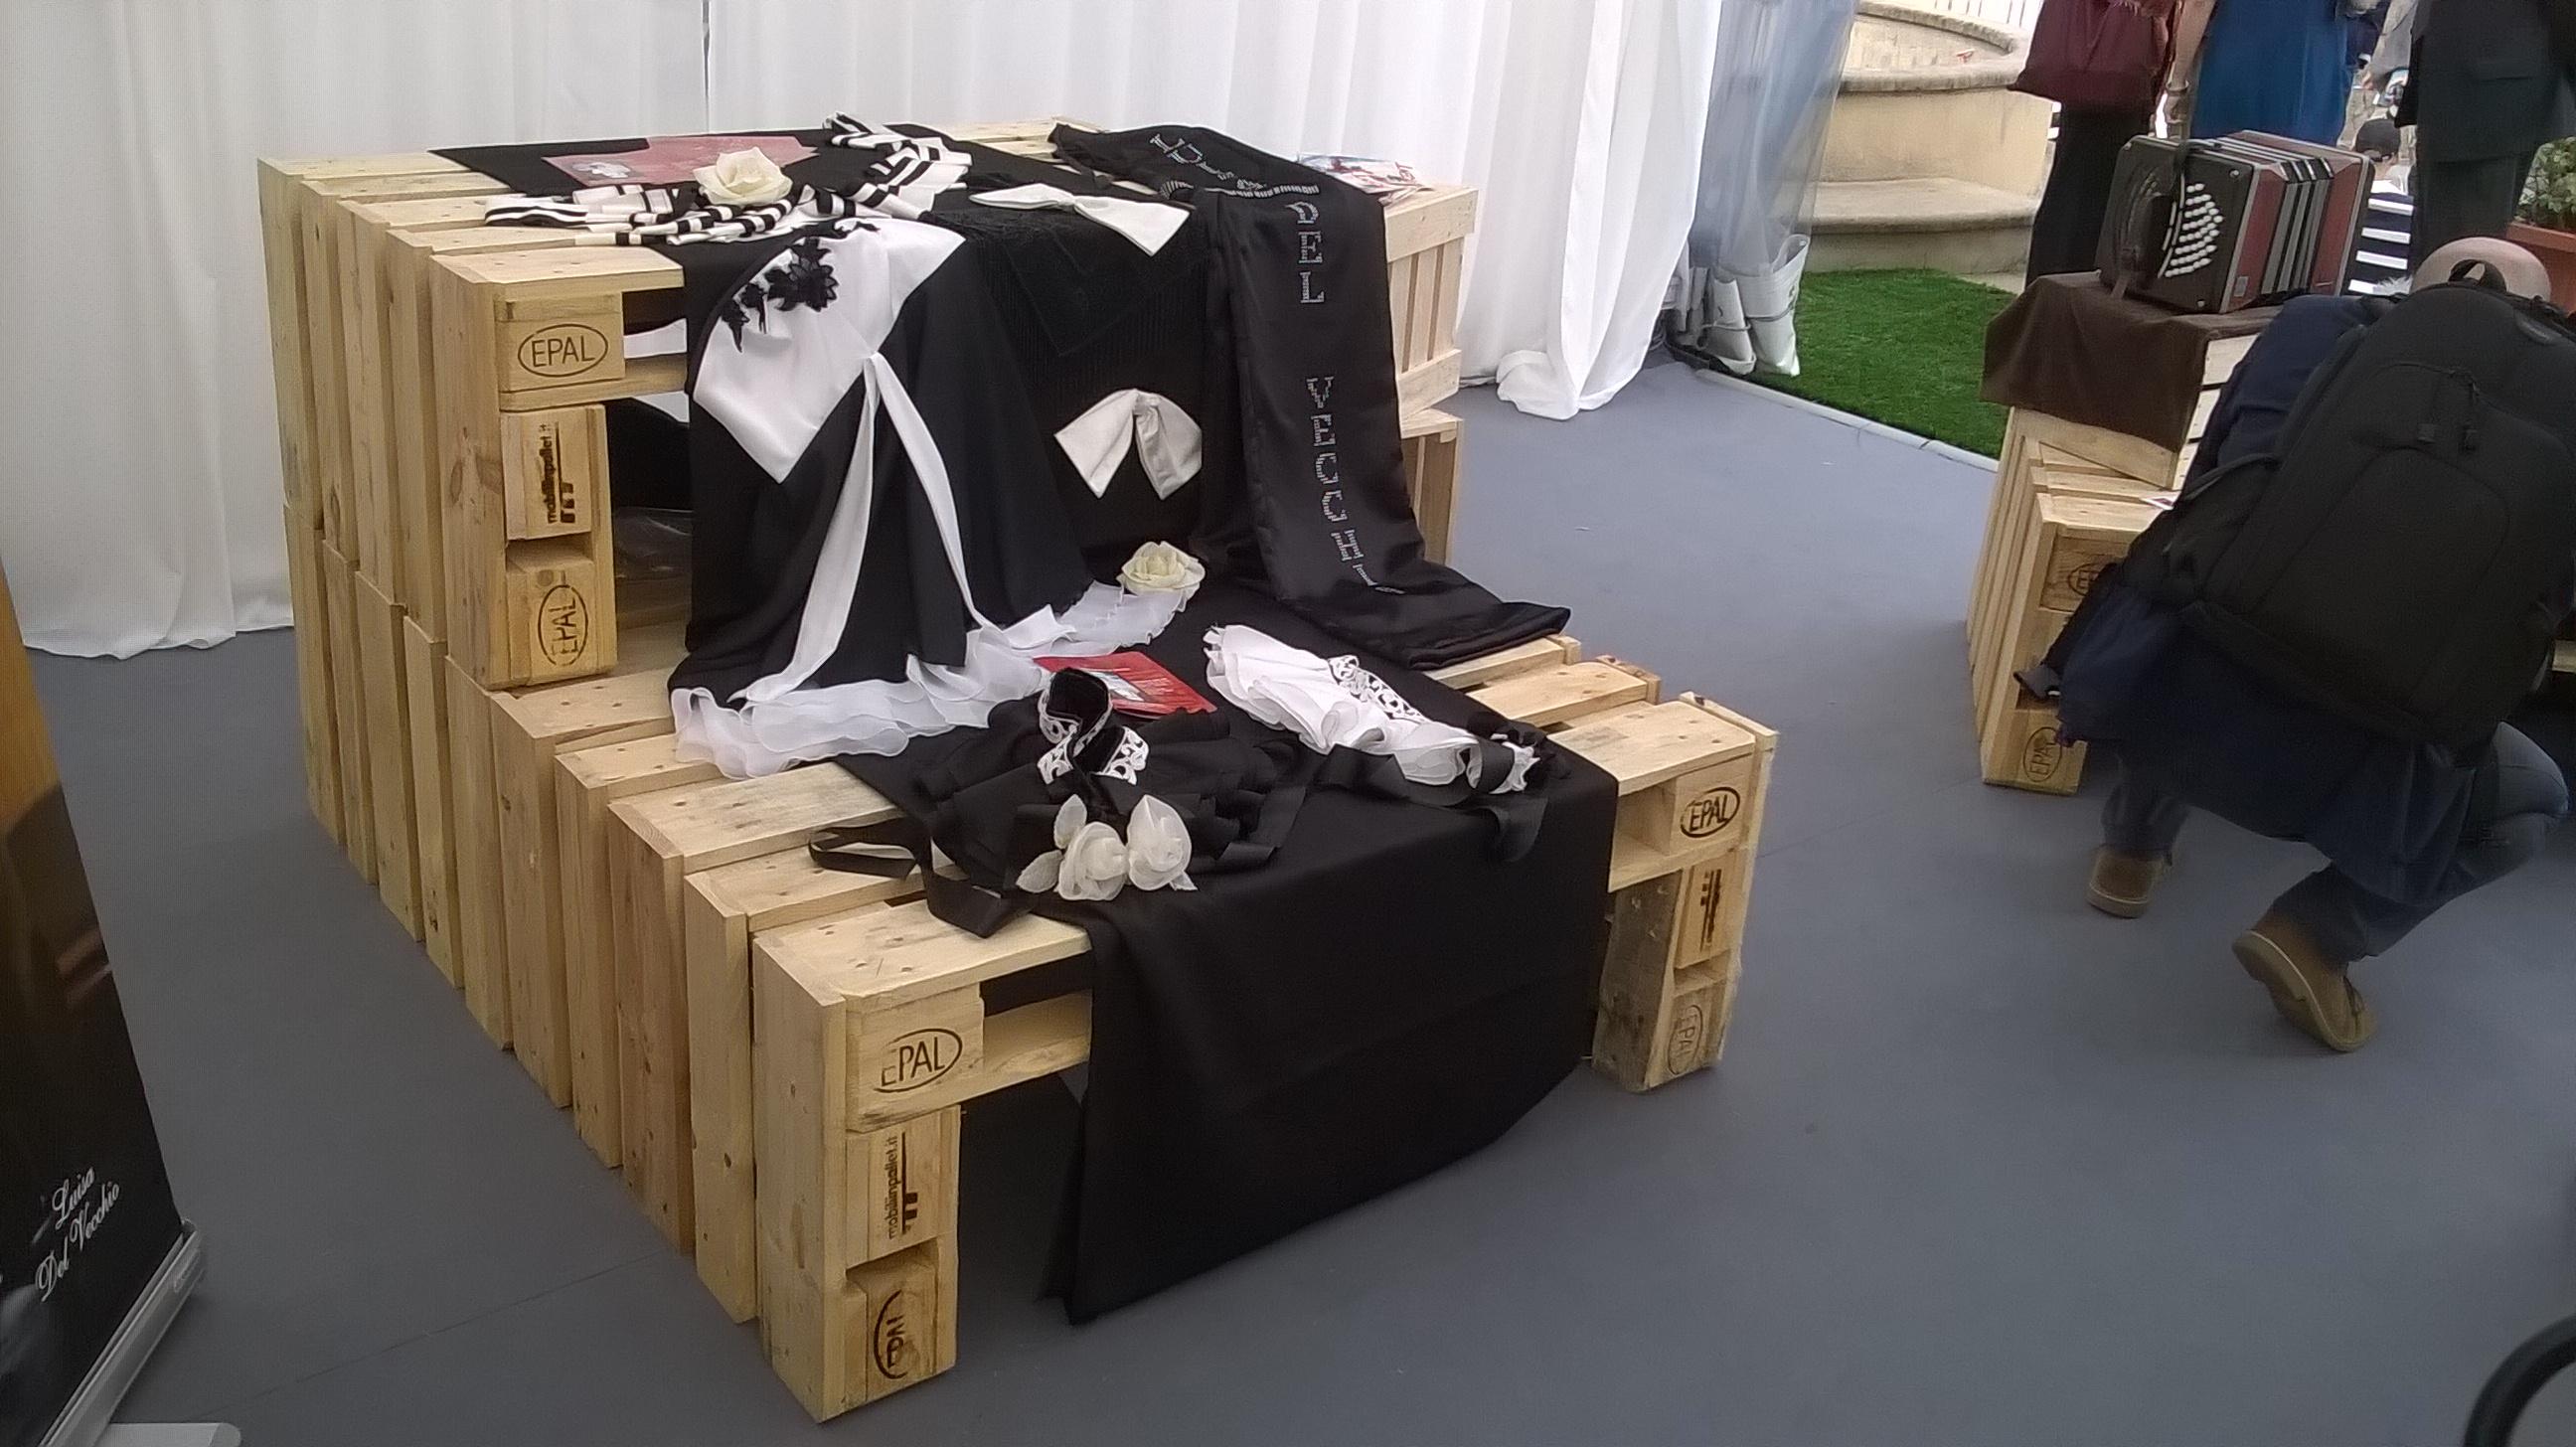 Moda espositori negozi abbigliamento vg91 pineglen for Vendita pallet per arredamento